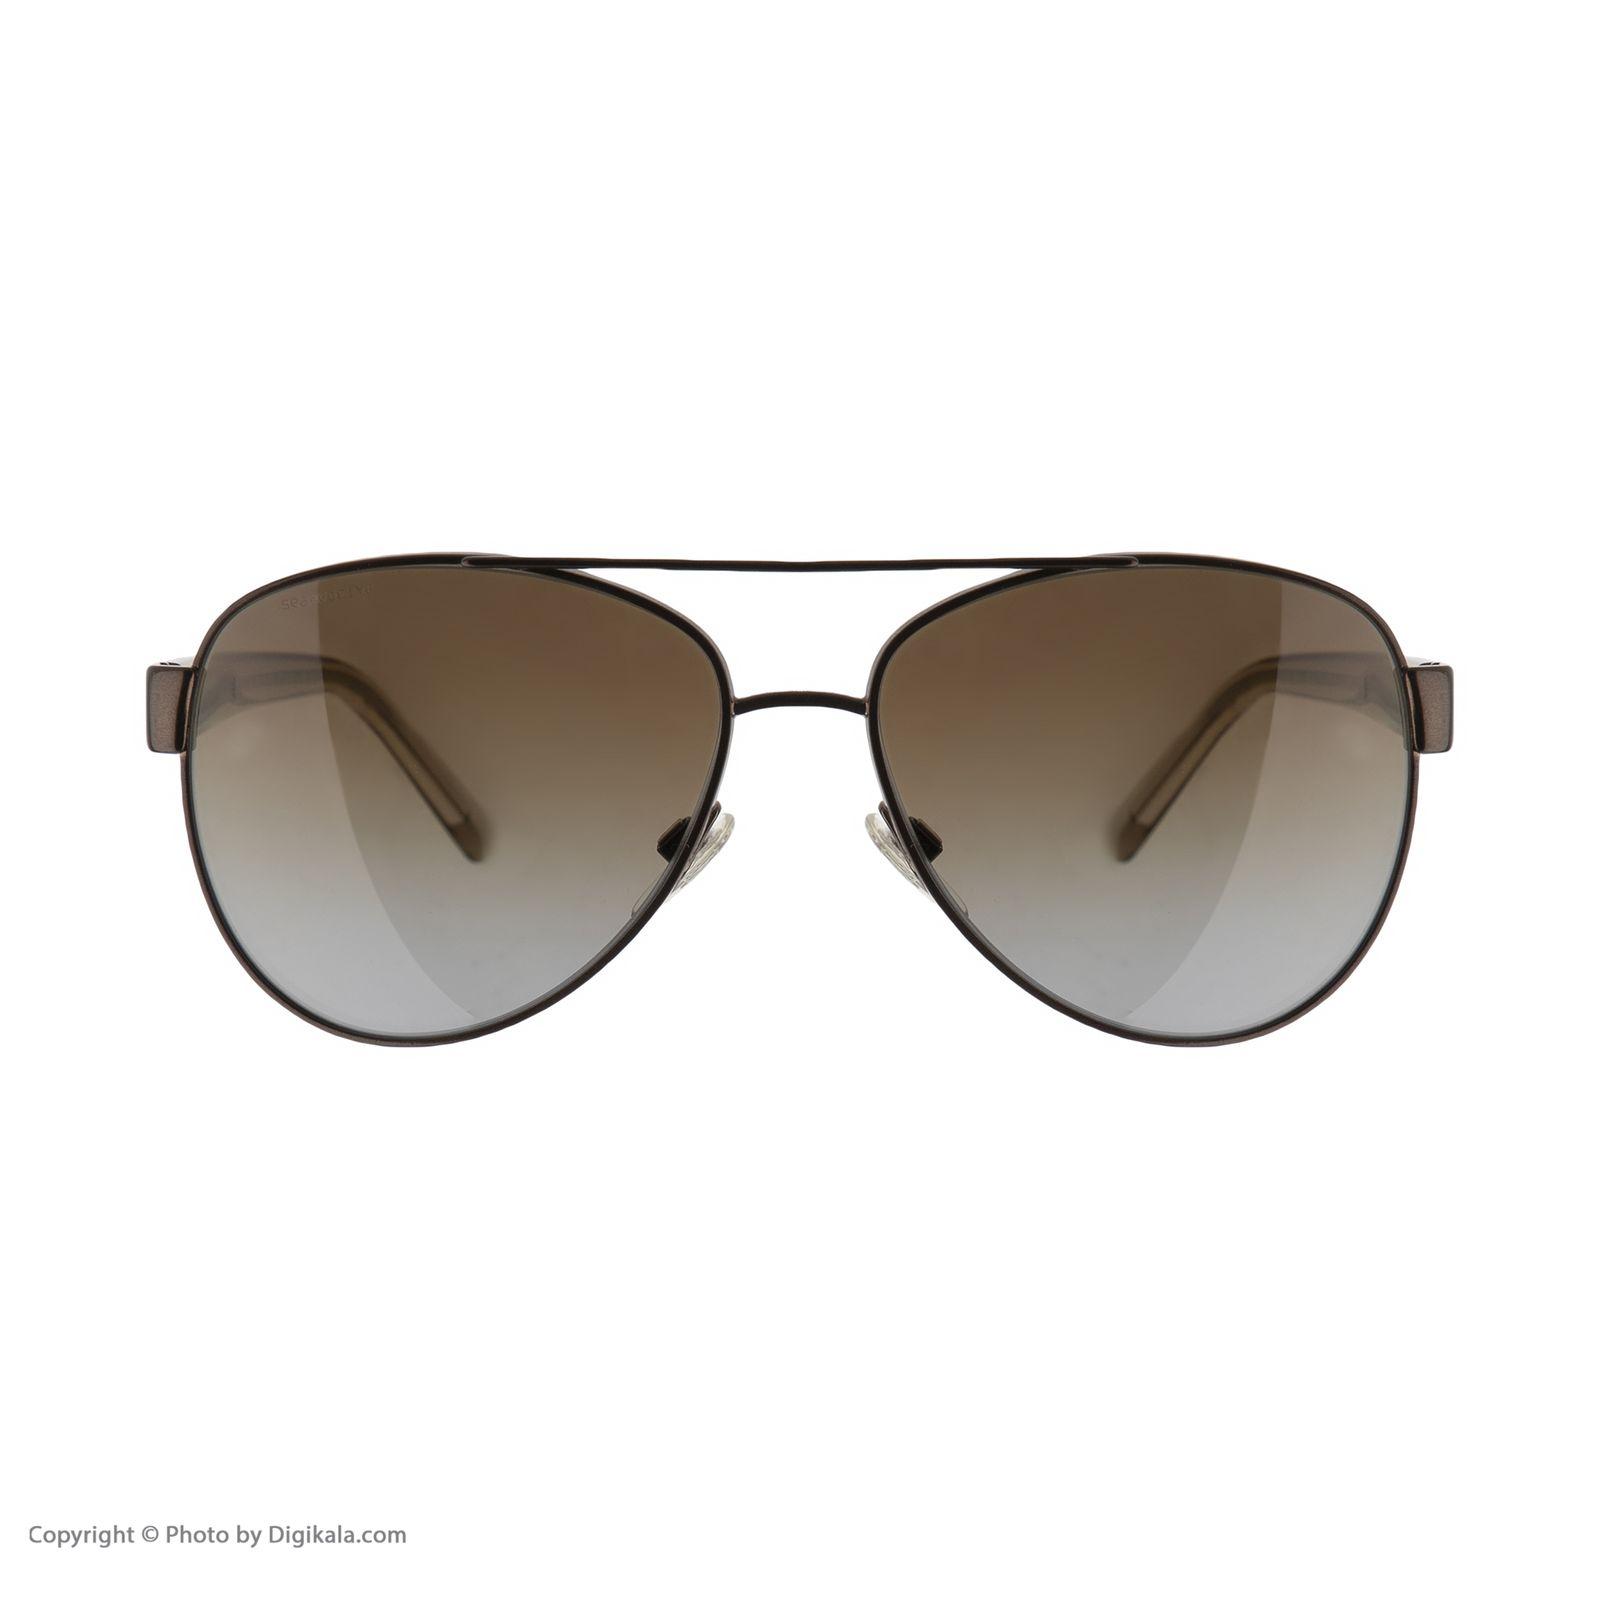 عینک آفتابی زنانه بربری مدل BE 3084S 1212T5 57 -  - 3